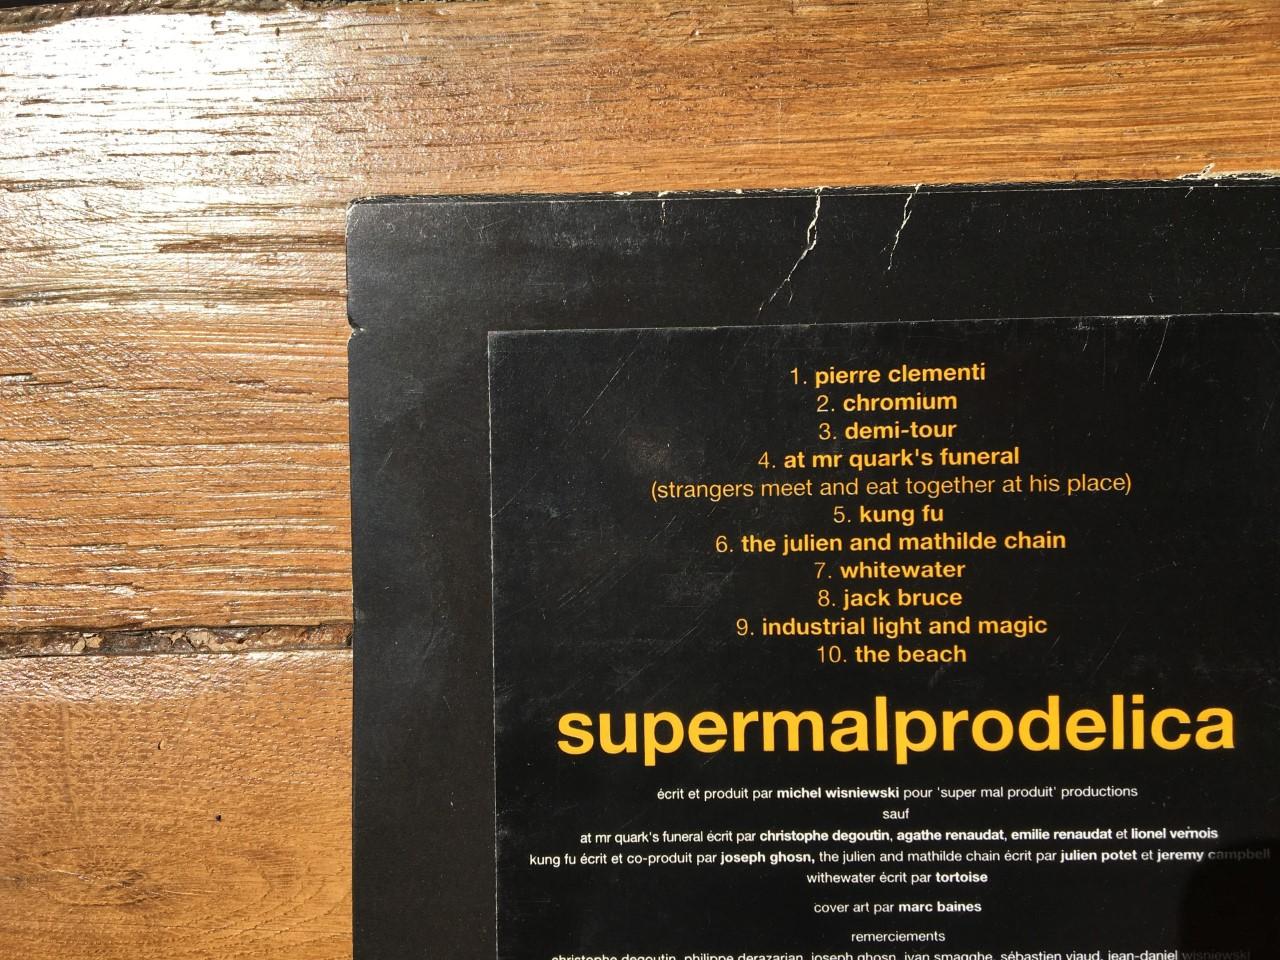 Supermalprodelica